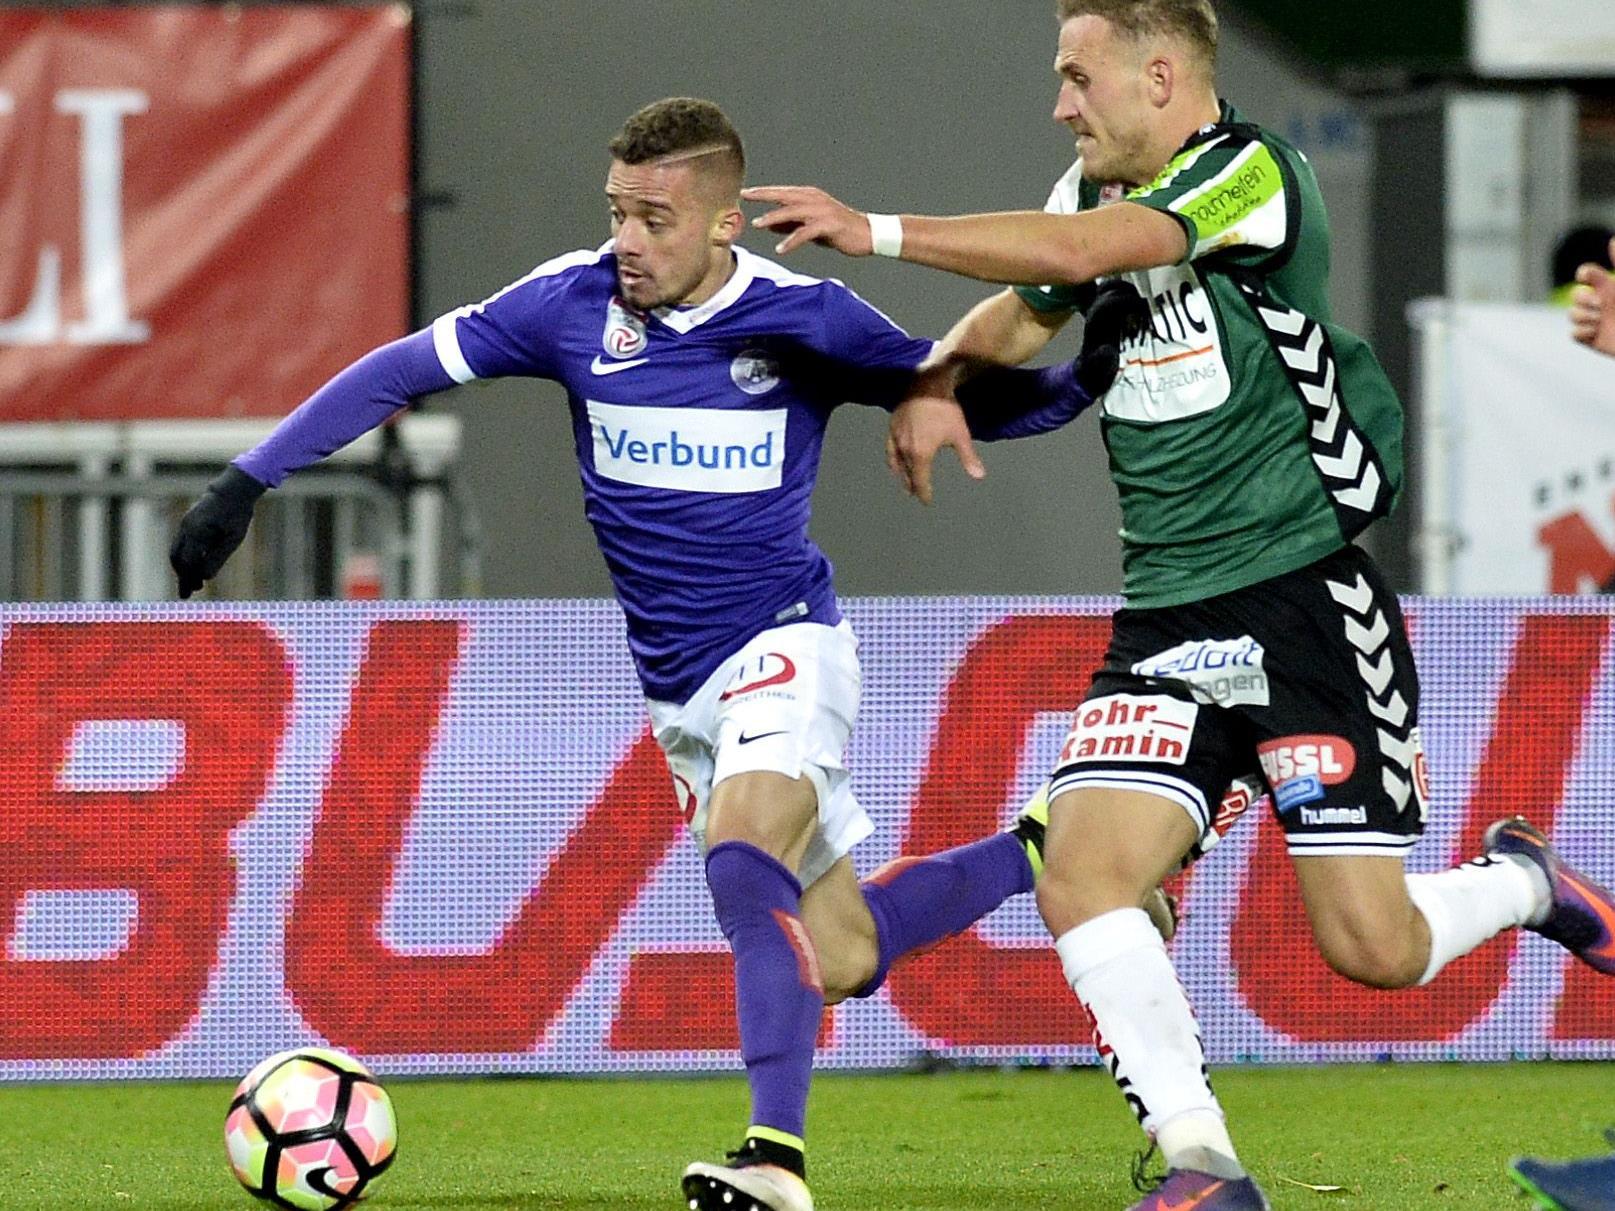 LIVE-Ticker zum Spiel SV Ried gegen Austria Wien ab 18.30 Uhr.